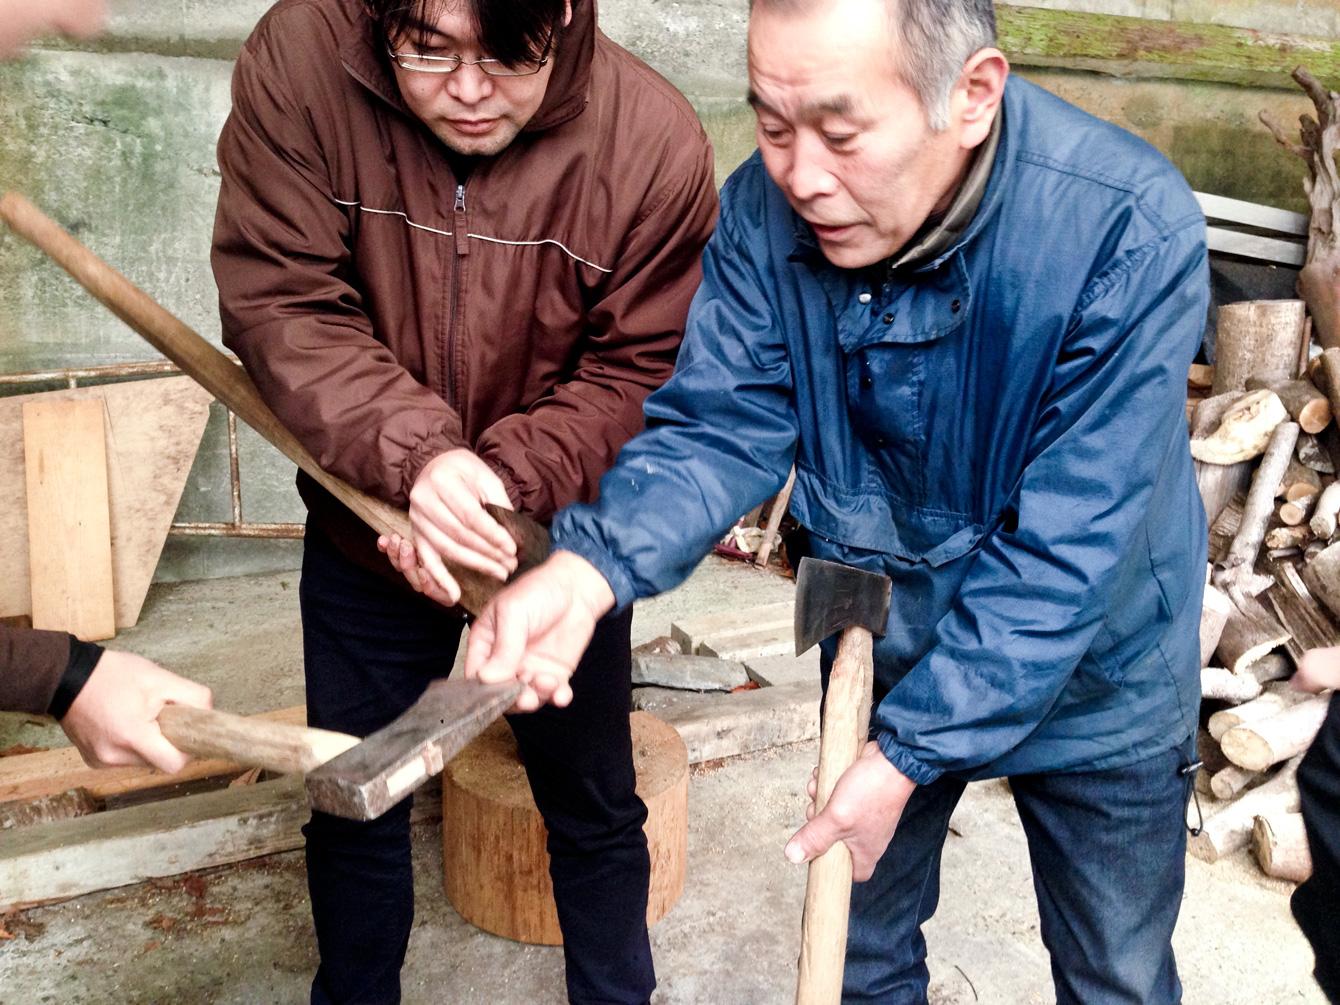 斧の正しい使い方を教えてくれるお父さん。